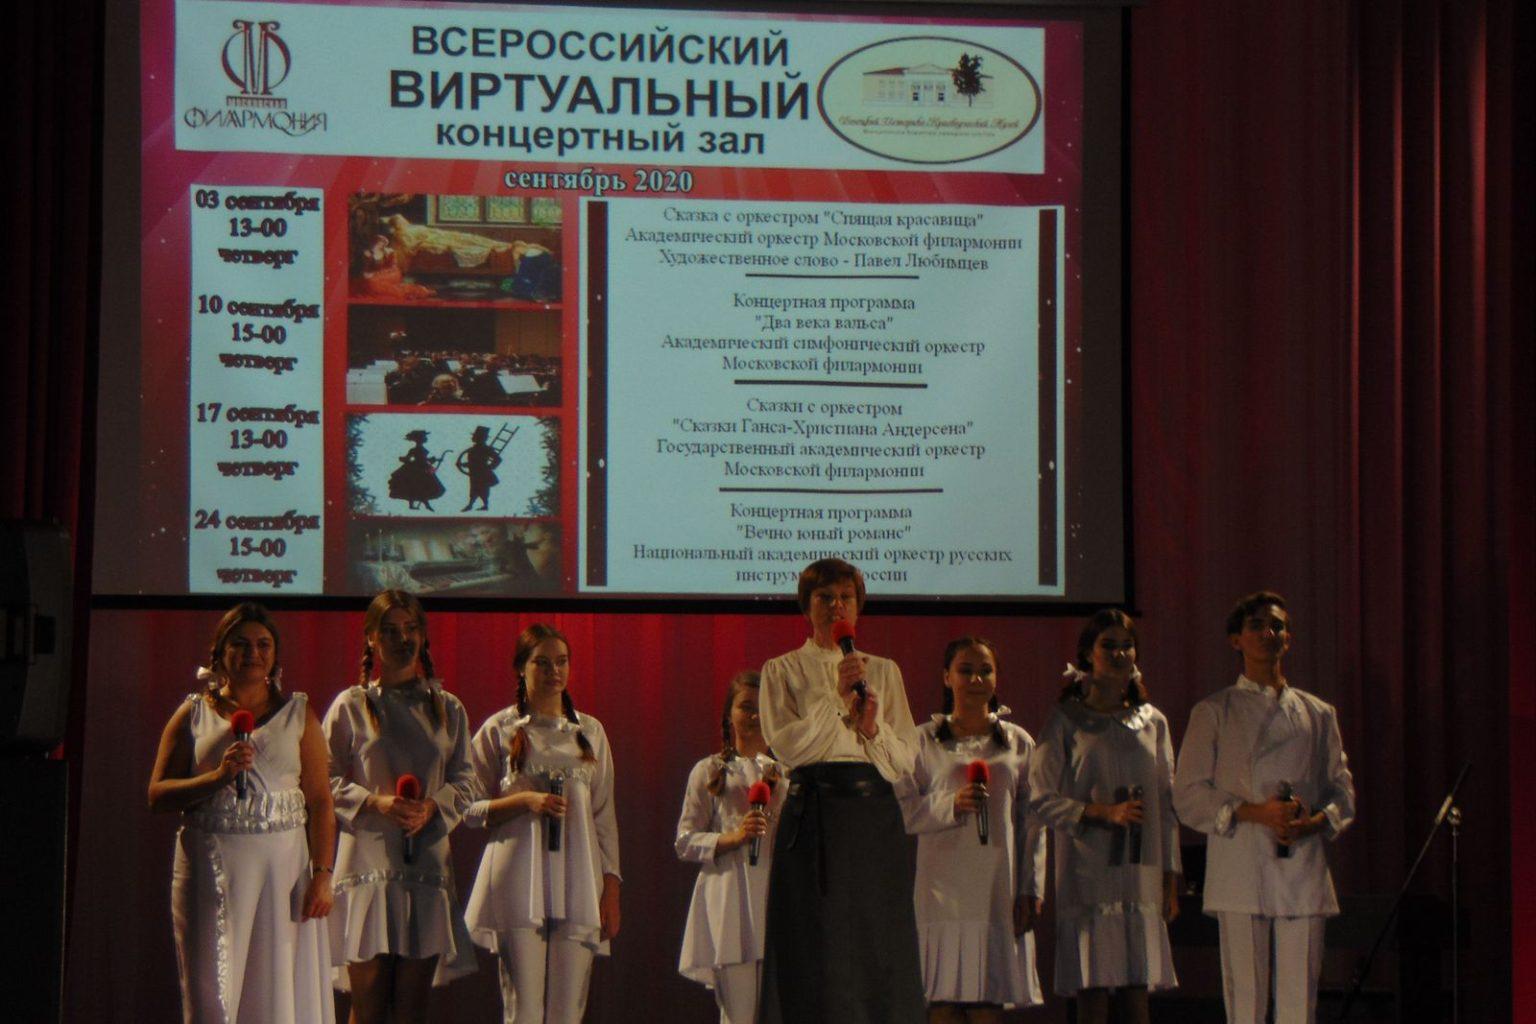 Сигареты купить в донецке ростовской области купить сигареты без фильтра москва